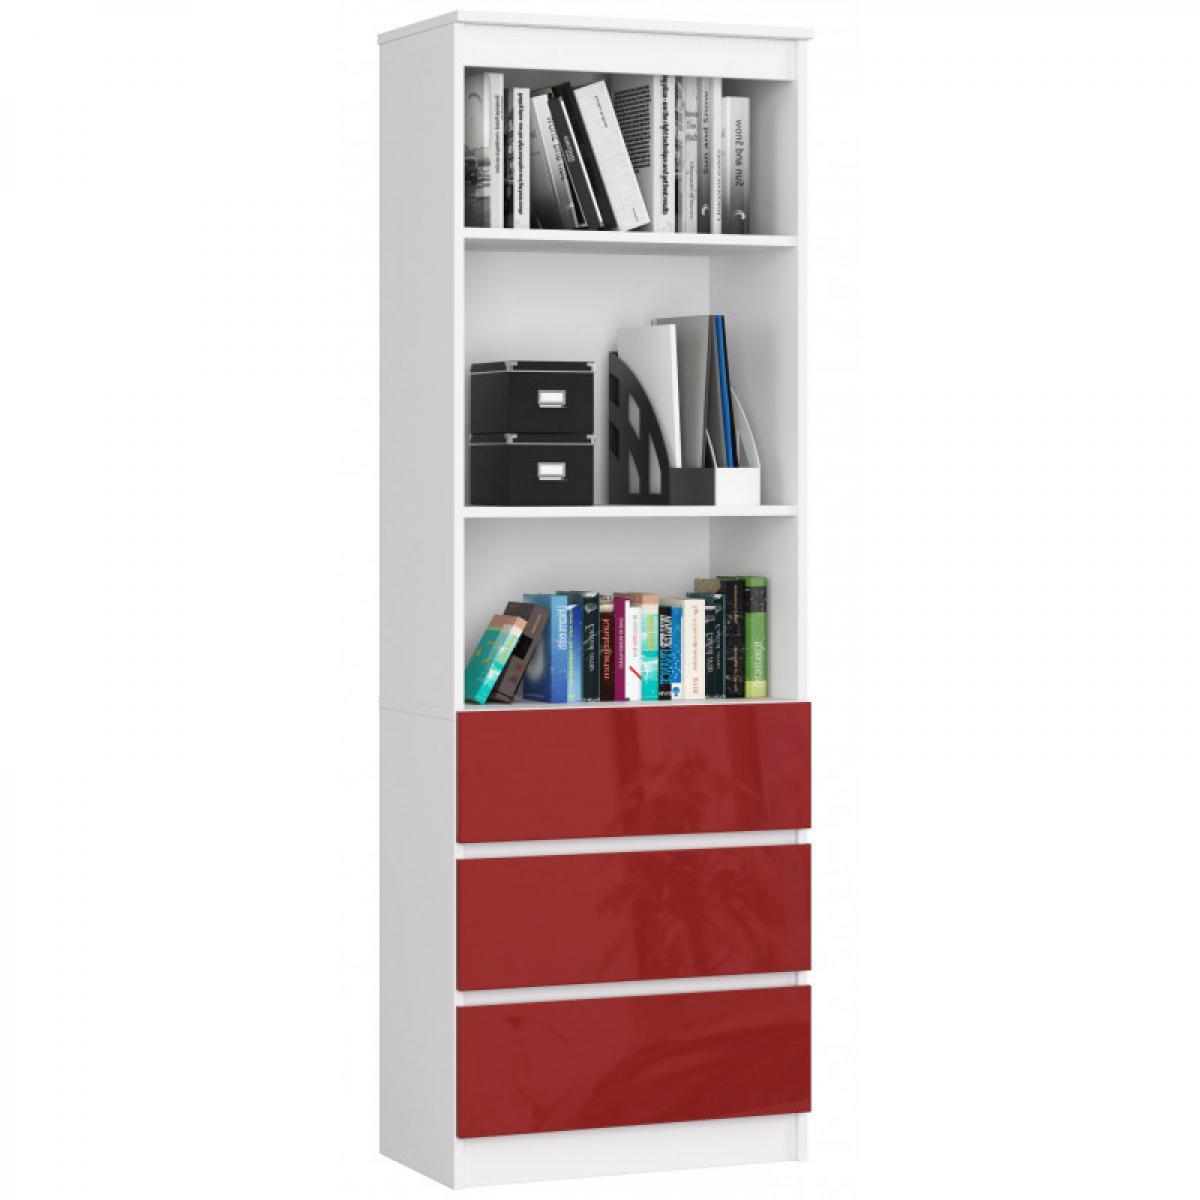 Hucoco CARLO - Grande bibliothèque moderne - 2 étagères + 3 tiroirs - 180x60x35cm - Rangement livres/déco - Rouge